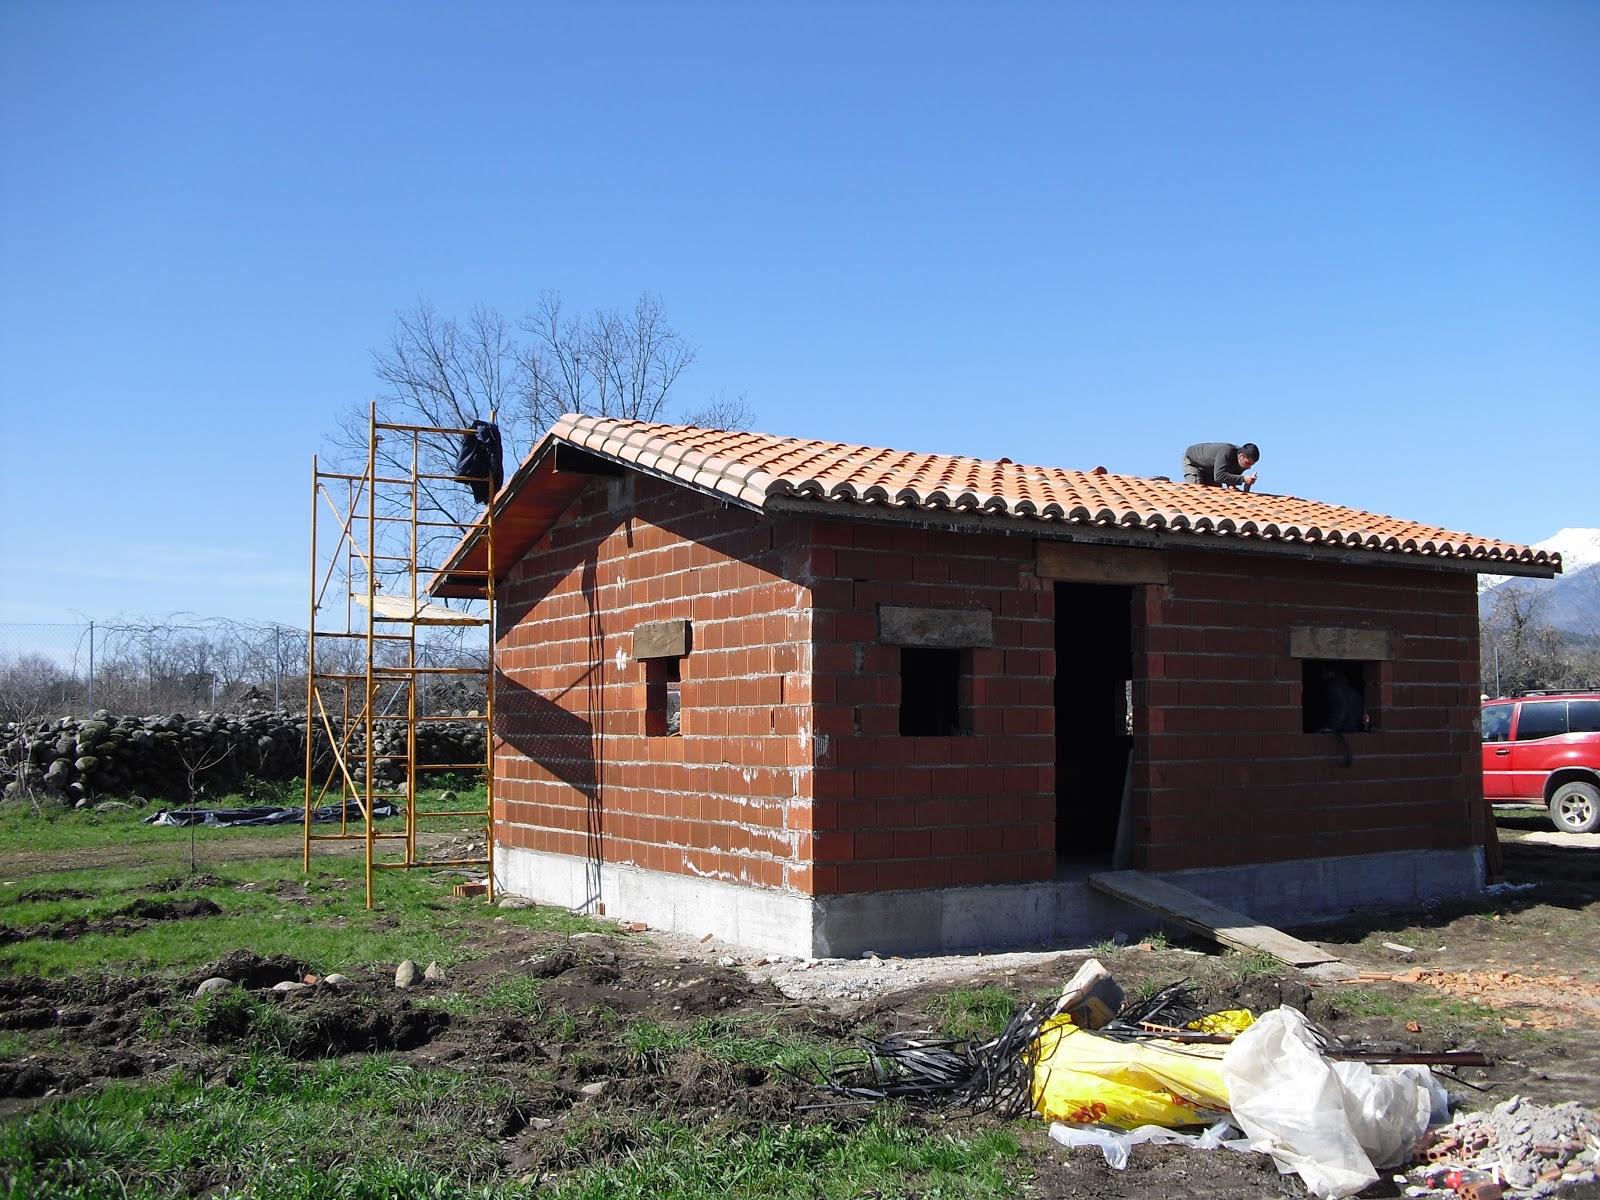 Leyva e illescas real estate peque a casa de 45 m2 con 2 dormitorios - Casas rurales cerca de talavera ...